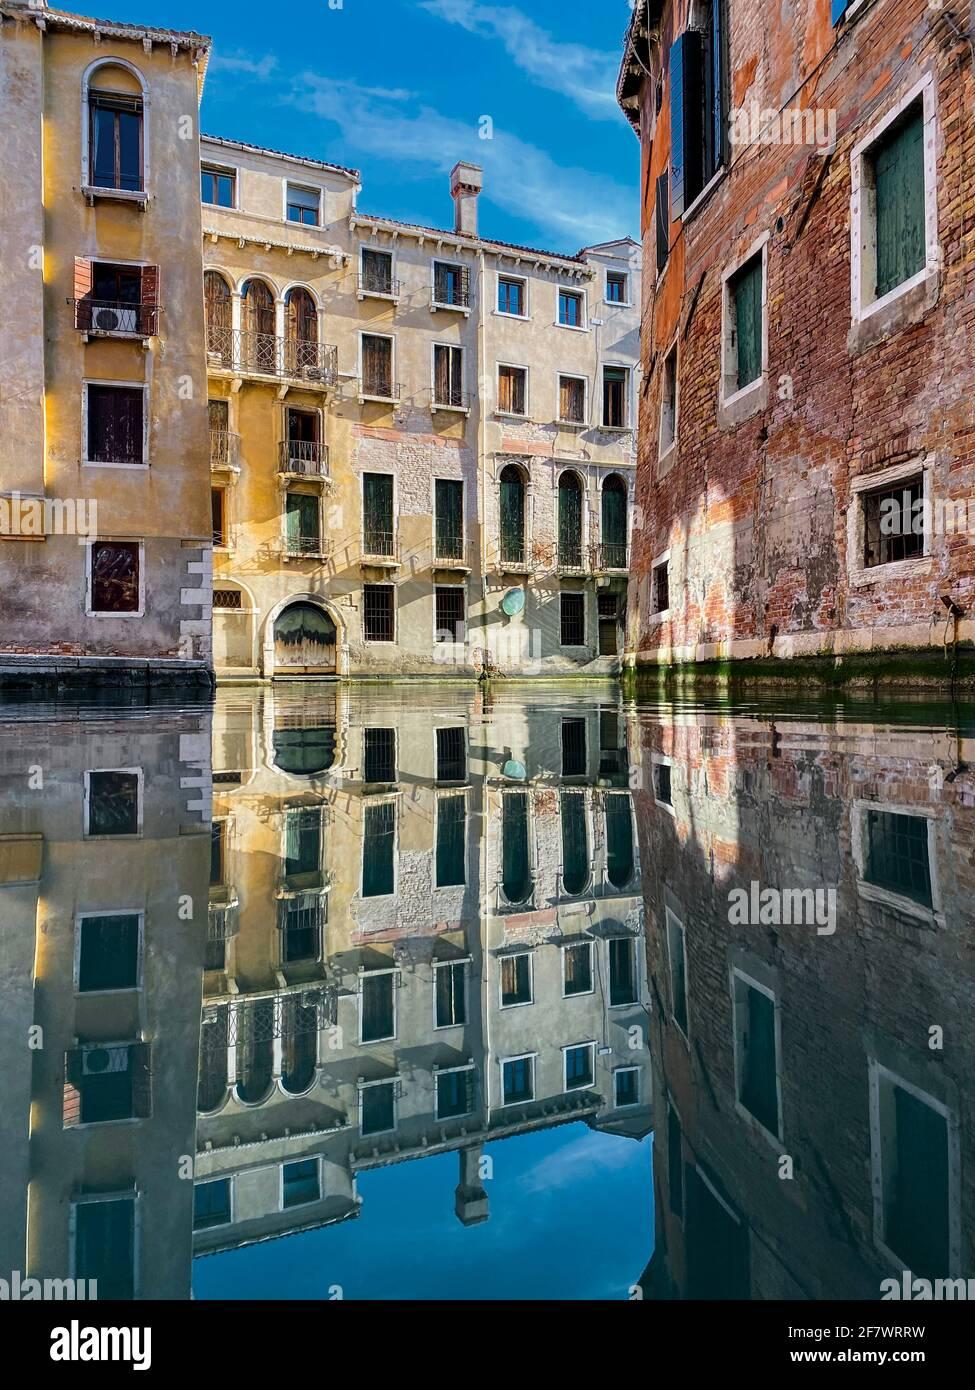 coloridas reflexiones de agua en el canal vacío sin barcos Foto de stock